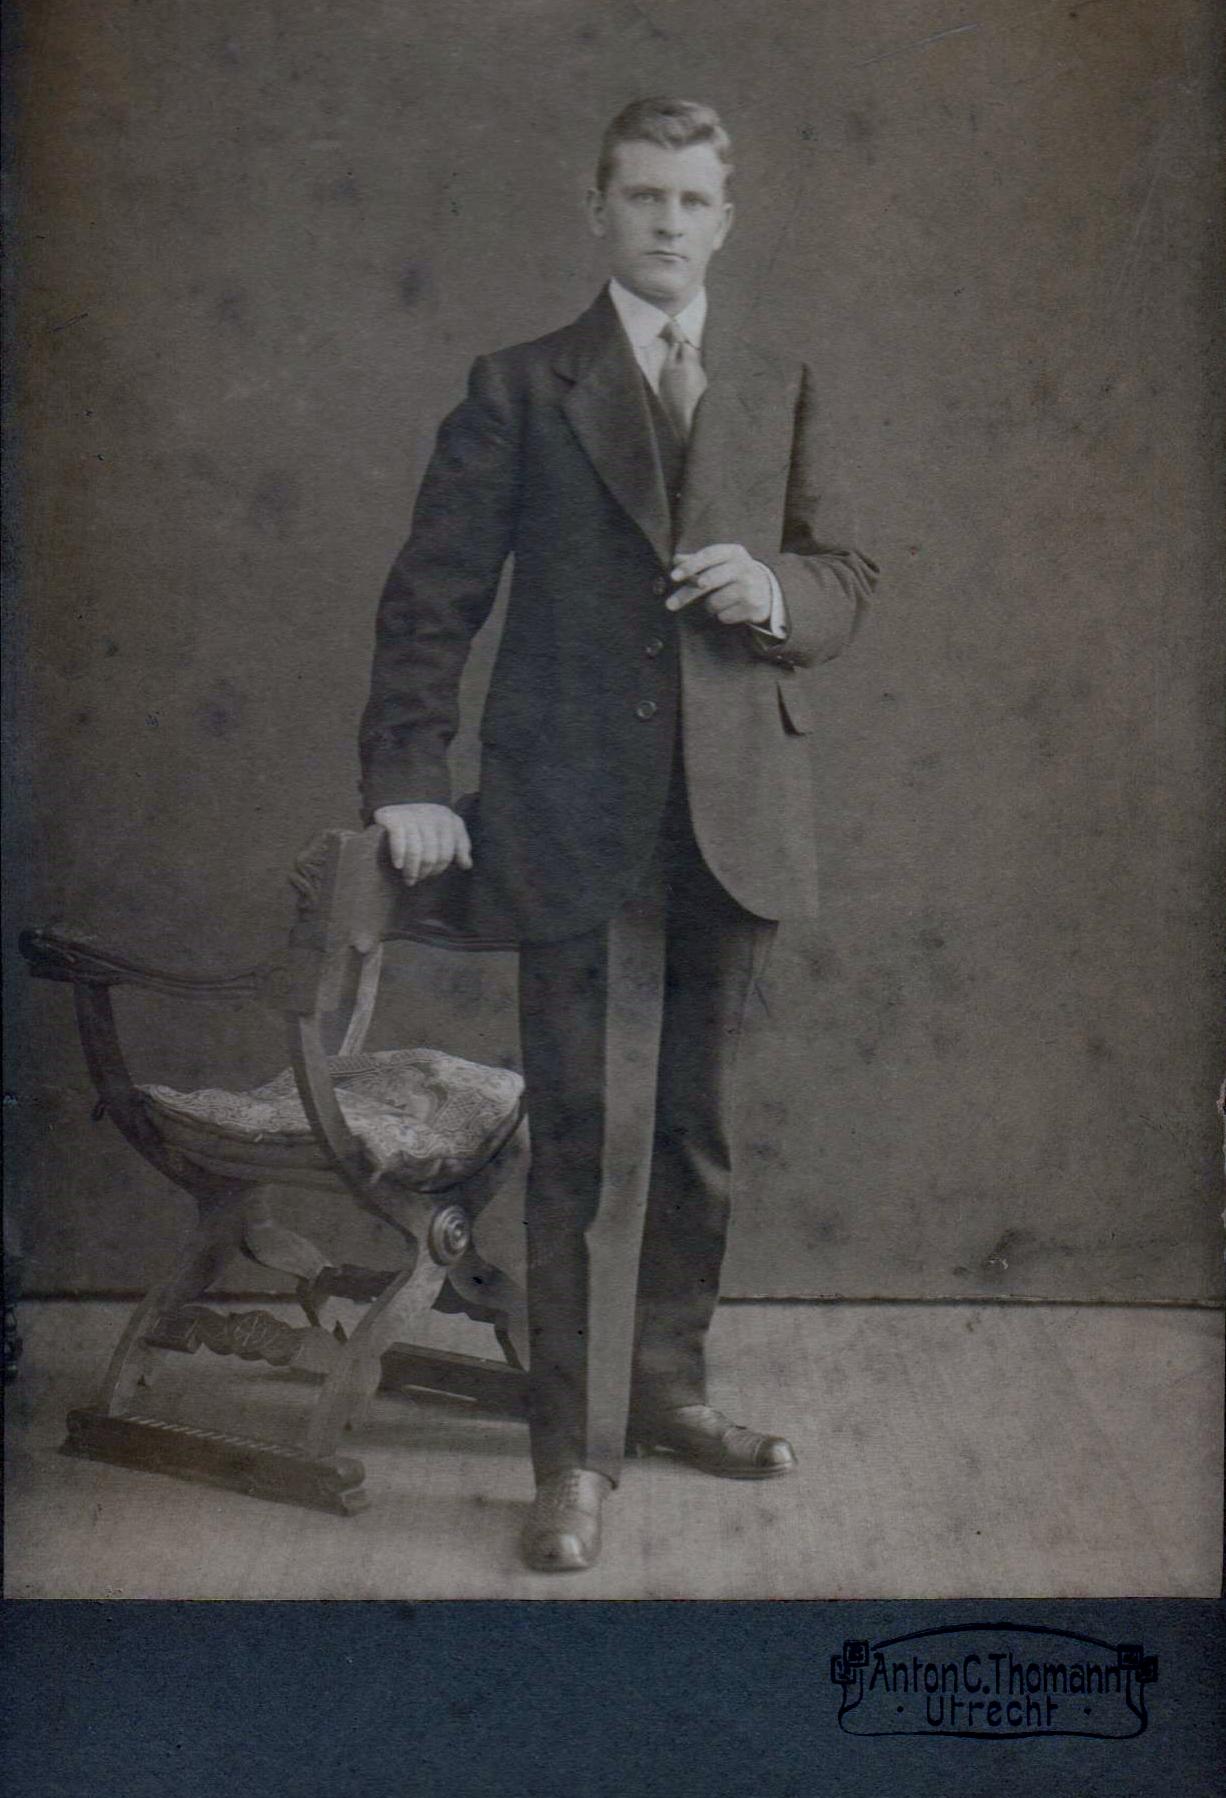 Hendrik Frank Henry or Henk Bekkering